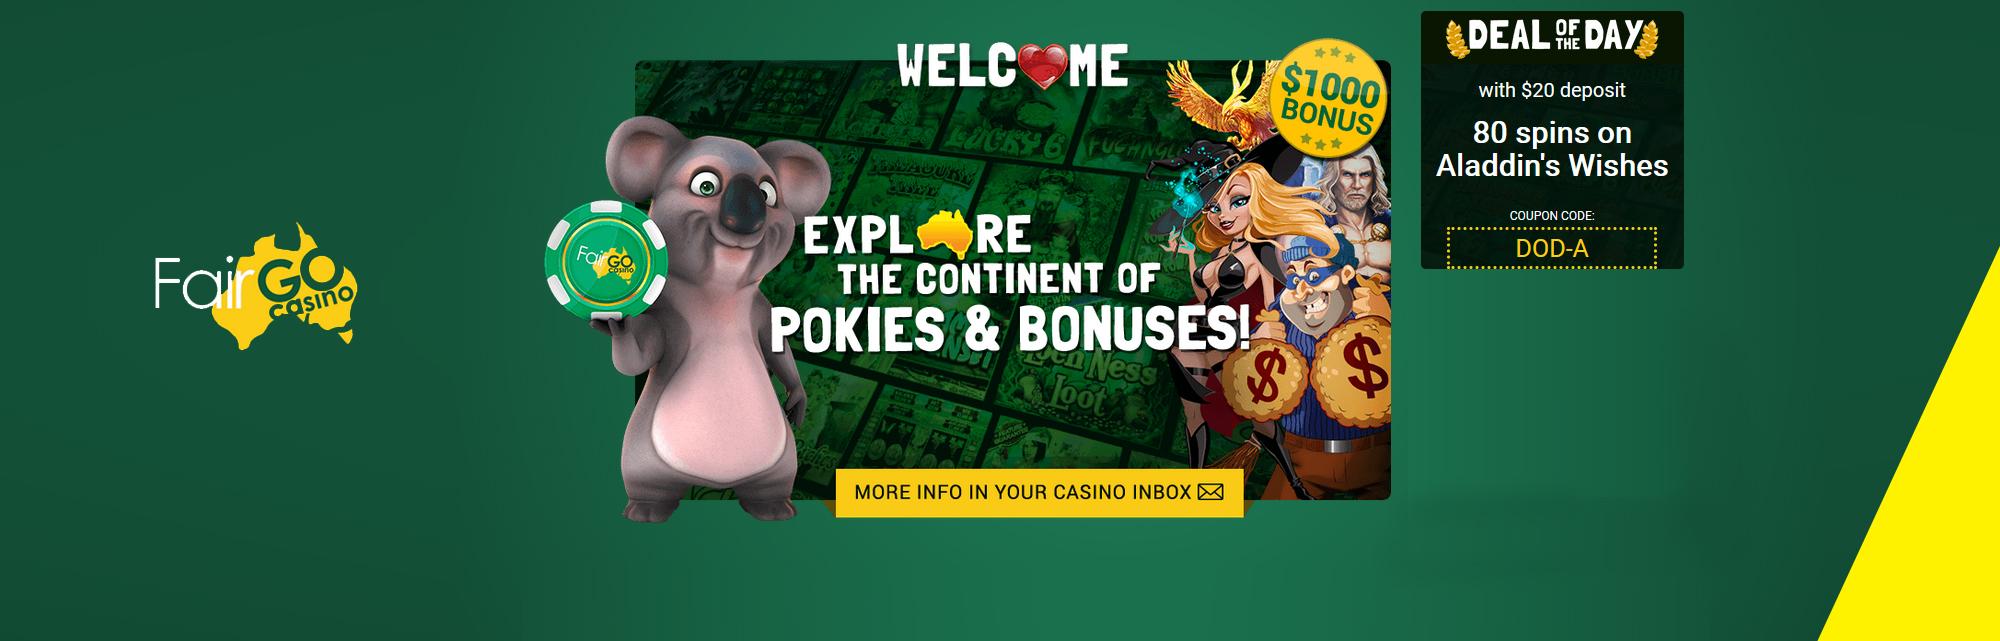 Fair Go casino bonuses.